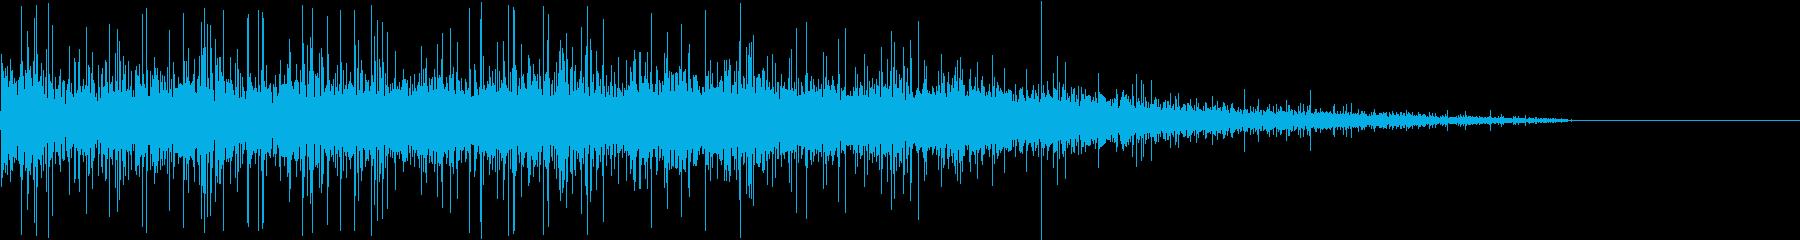 【生録音】ジューっと食材が焼ける音 5の再生済みの波形